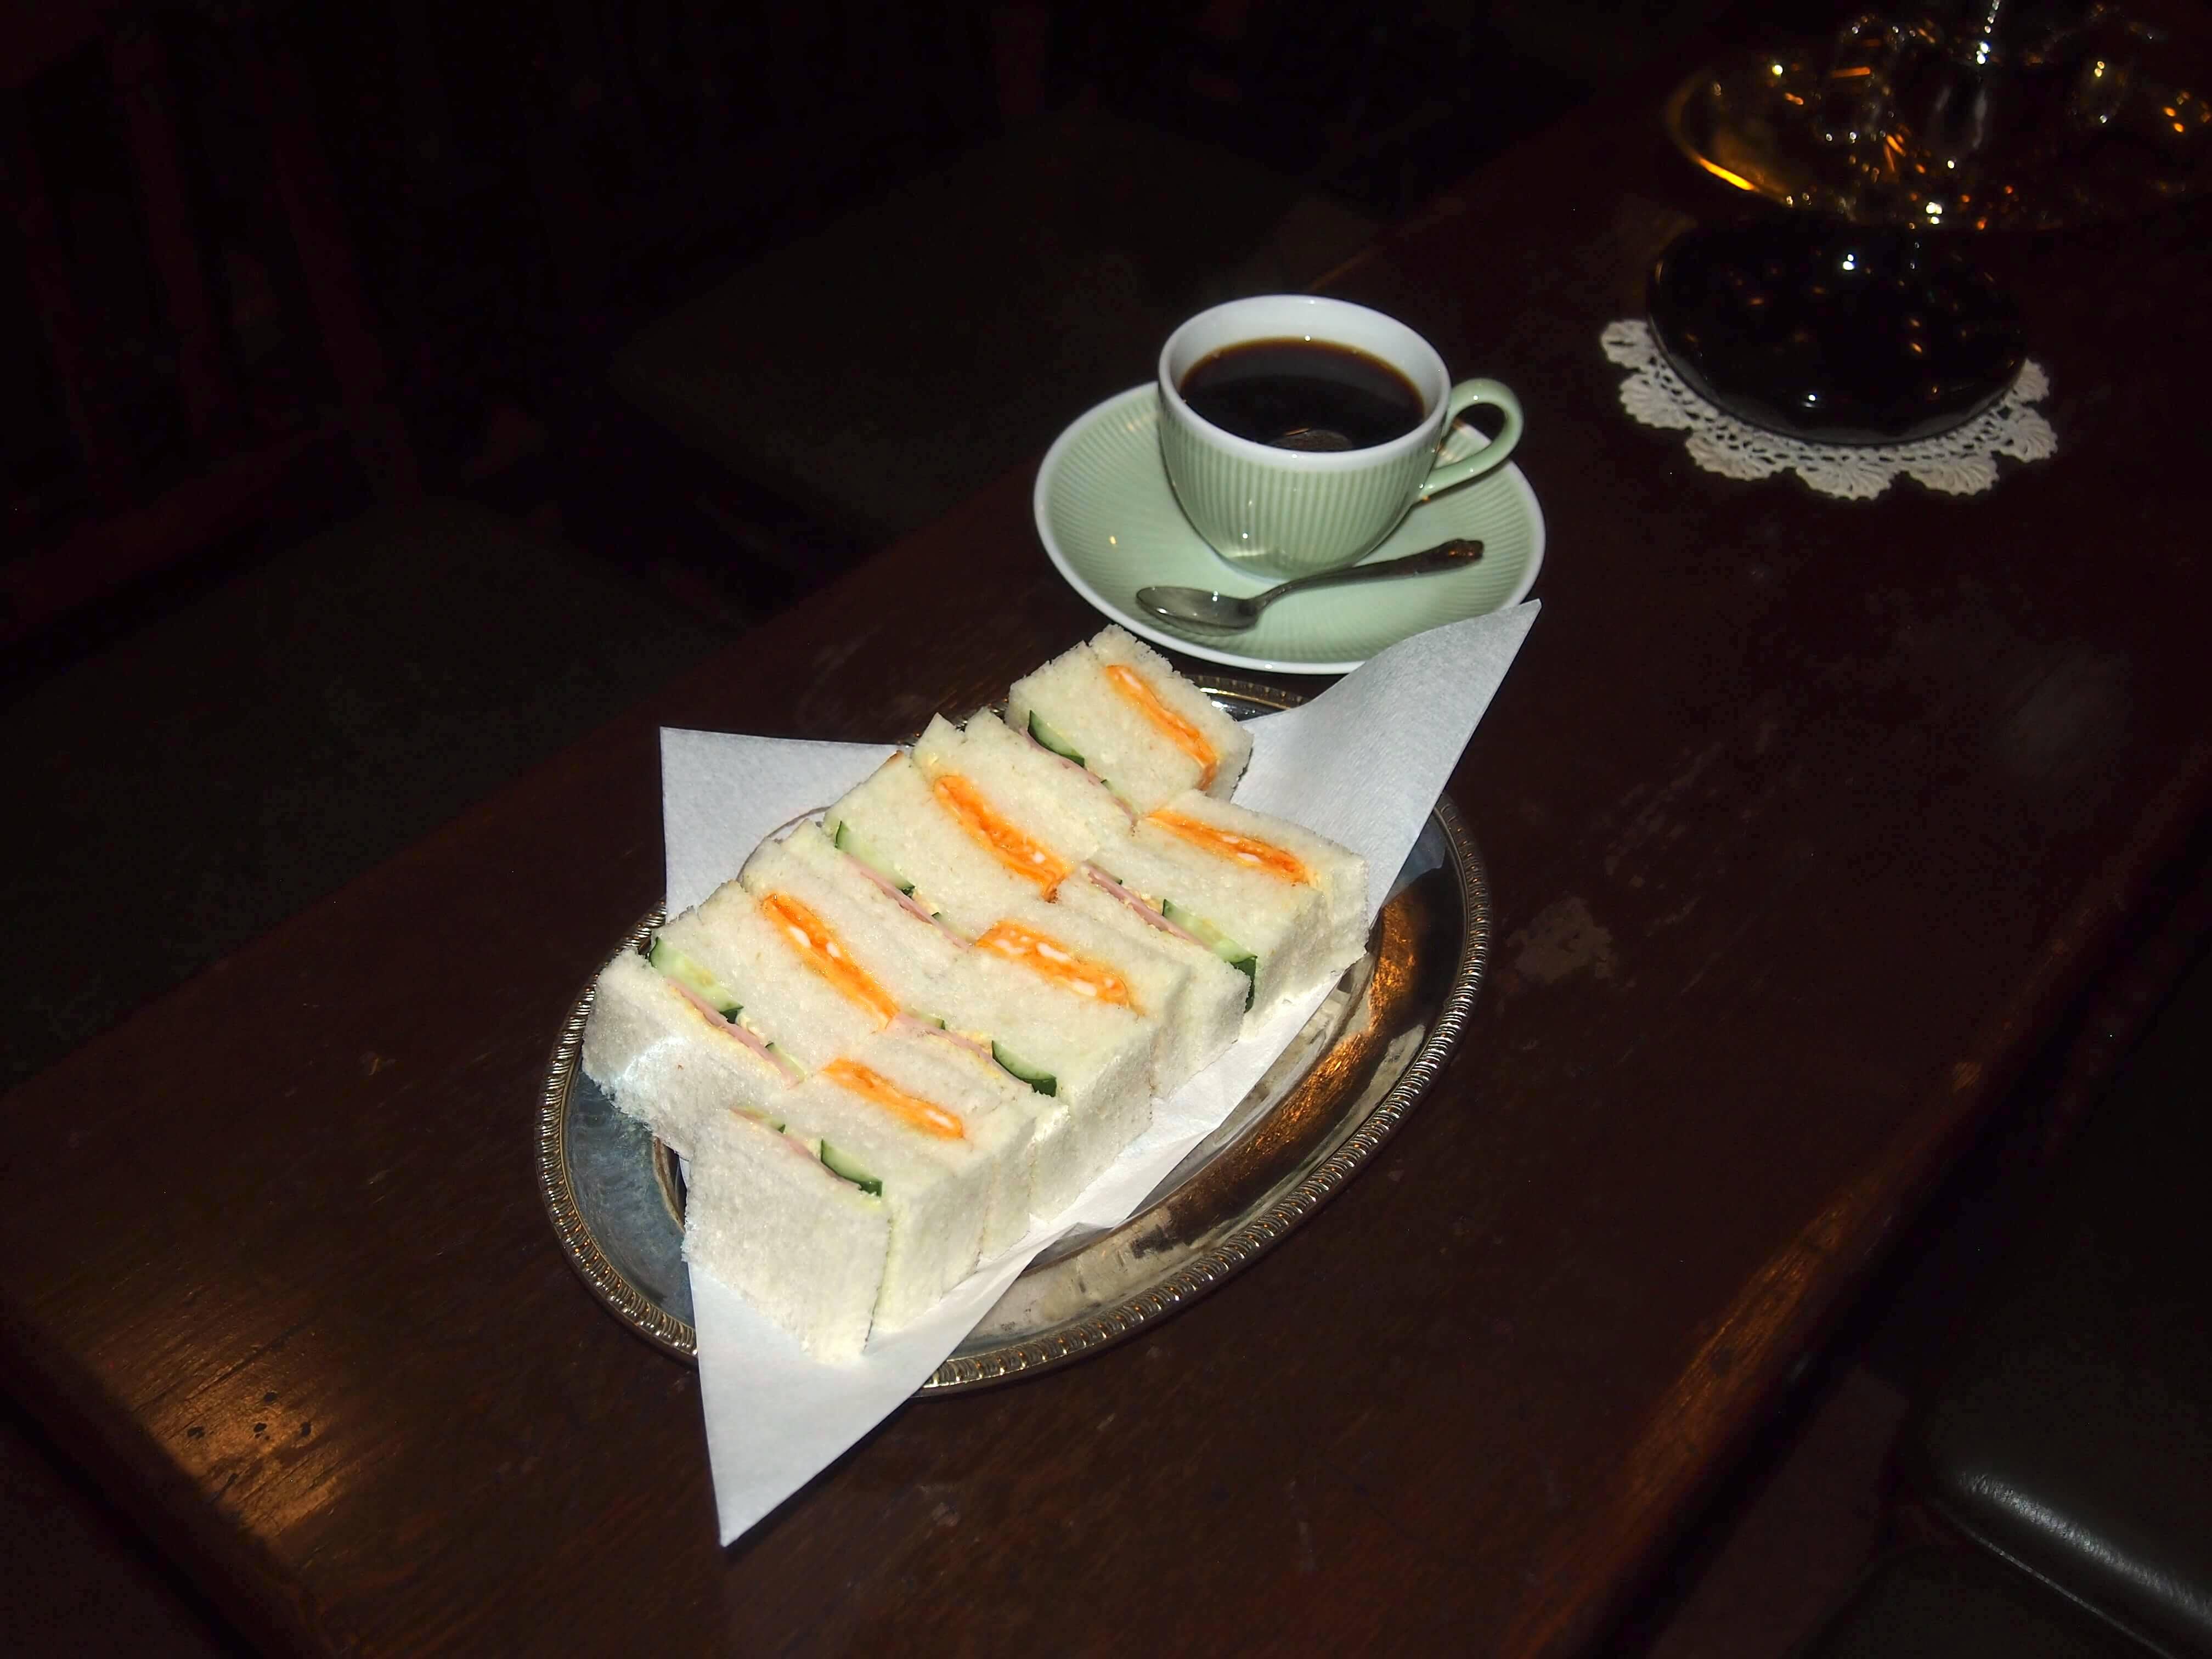 深い味わいのコーヒーと、開店当時から人気のミックスサンド。美味しいのはもちろん、ひと口サイズなので、食べやすいのも魅力。ミックスサンドのお皿も、開店当時の物だとか。